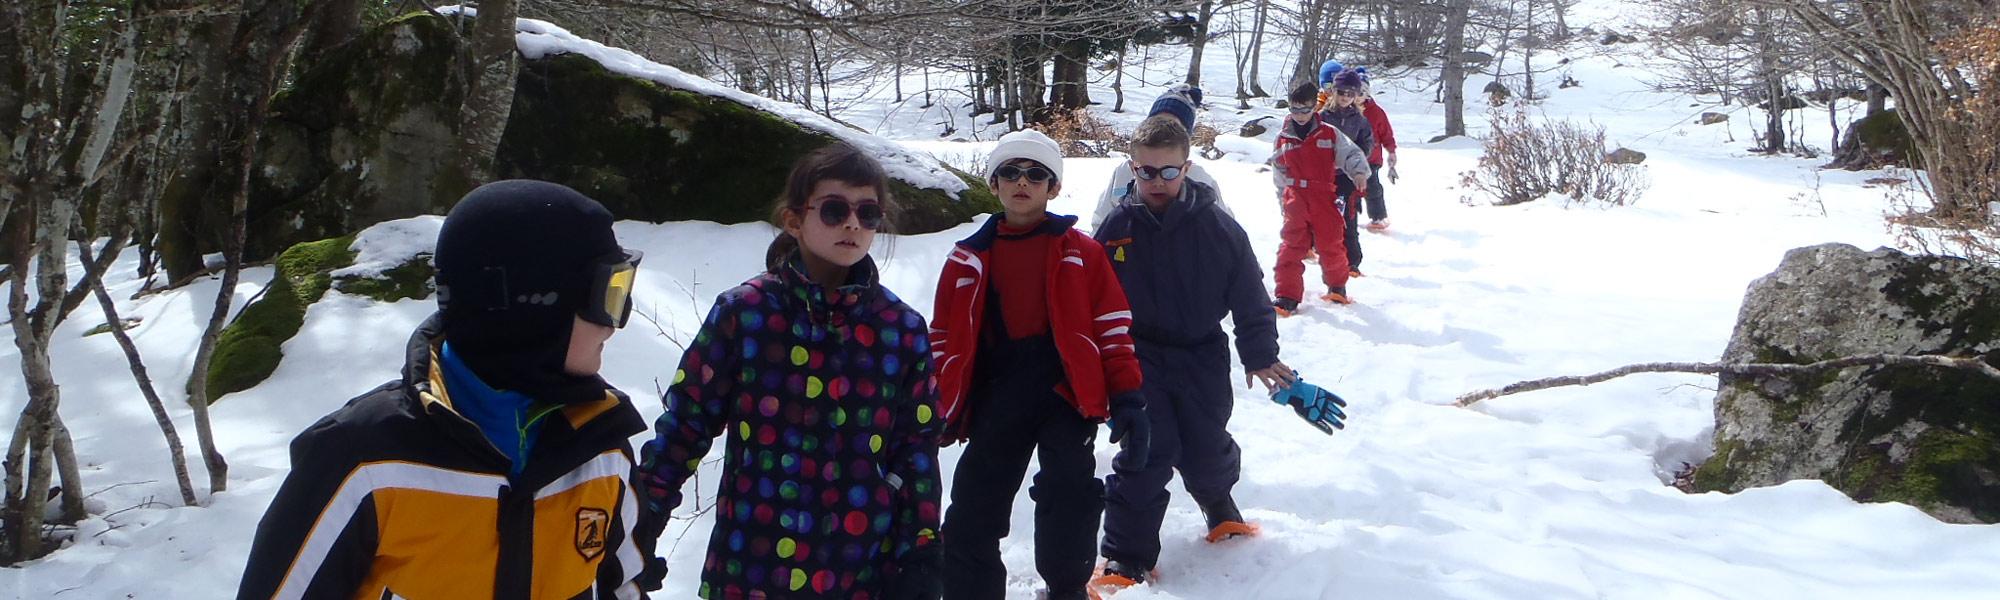 Raquettes a neige enfants - La Mongie - Pyrenees